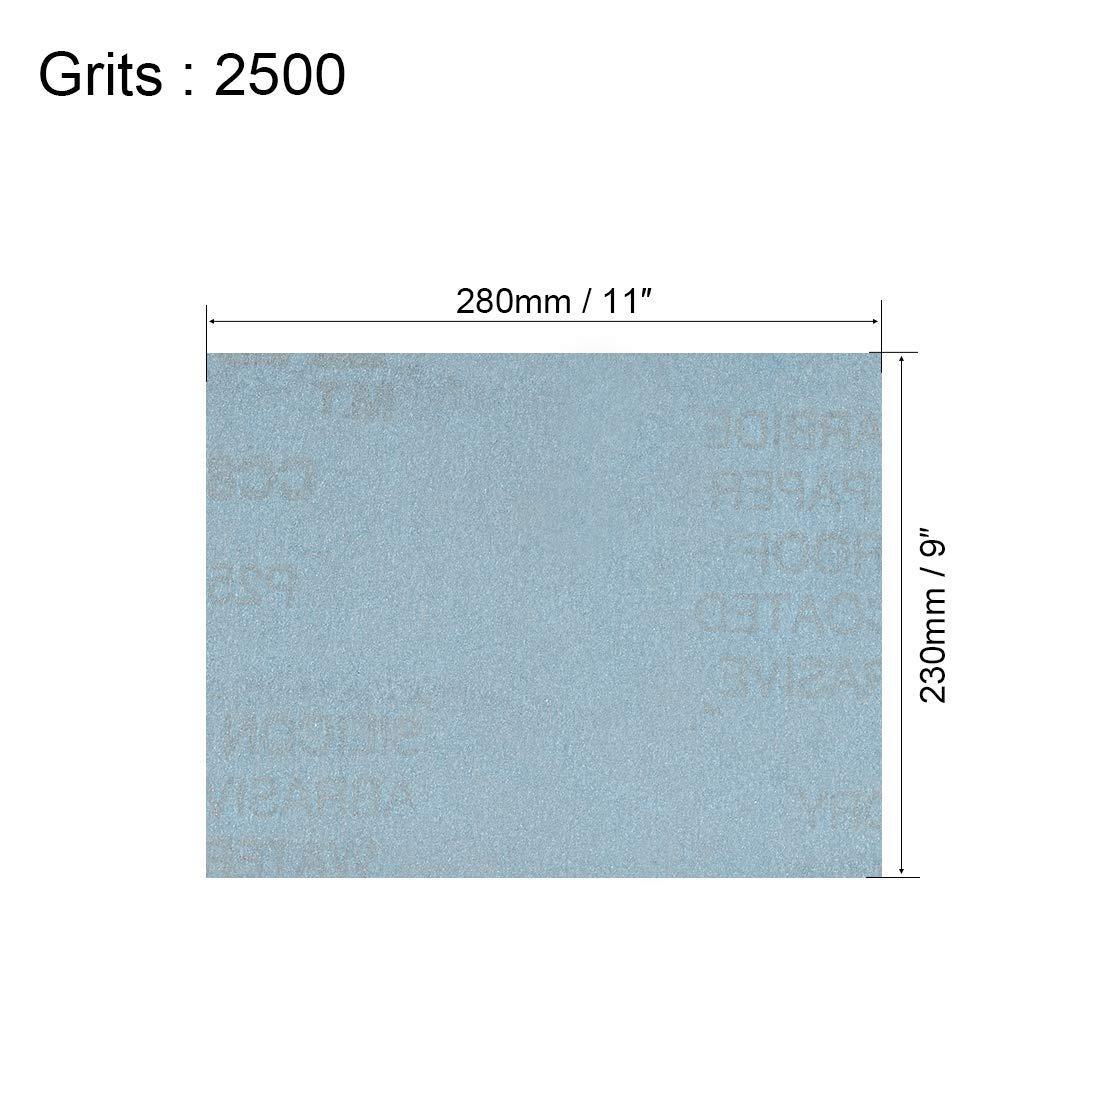 Lote de 10 hojas de papel de lija para muebles de madera 2500 Grits metal y pulido Sourcingmap